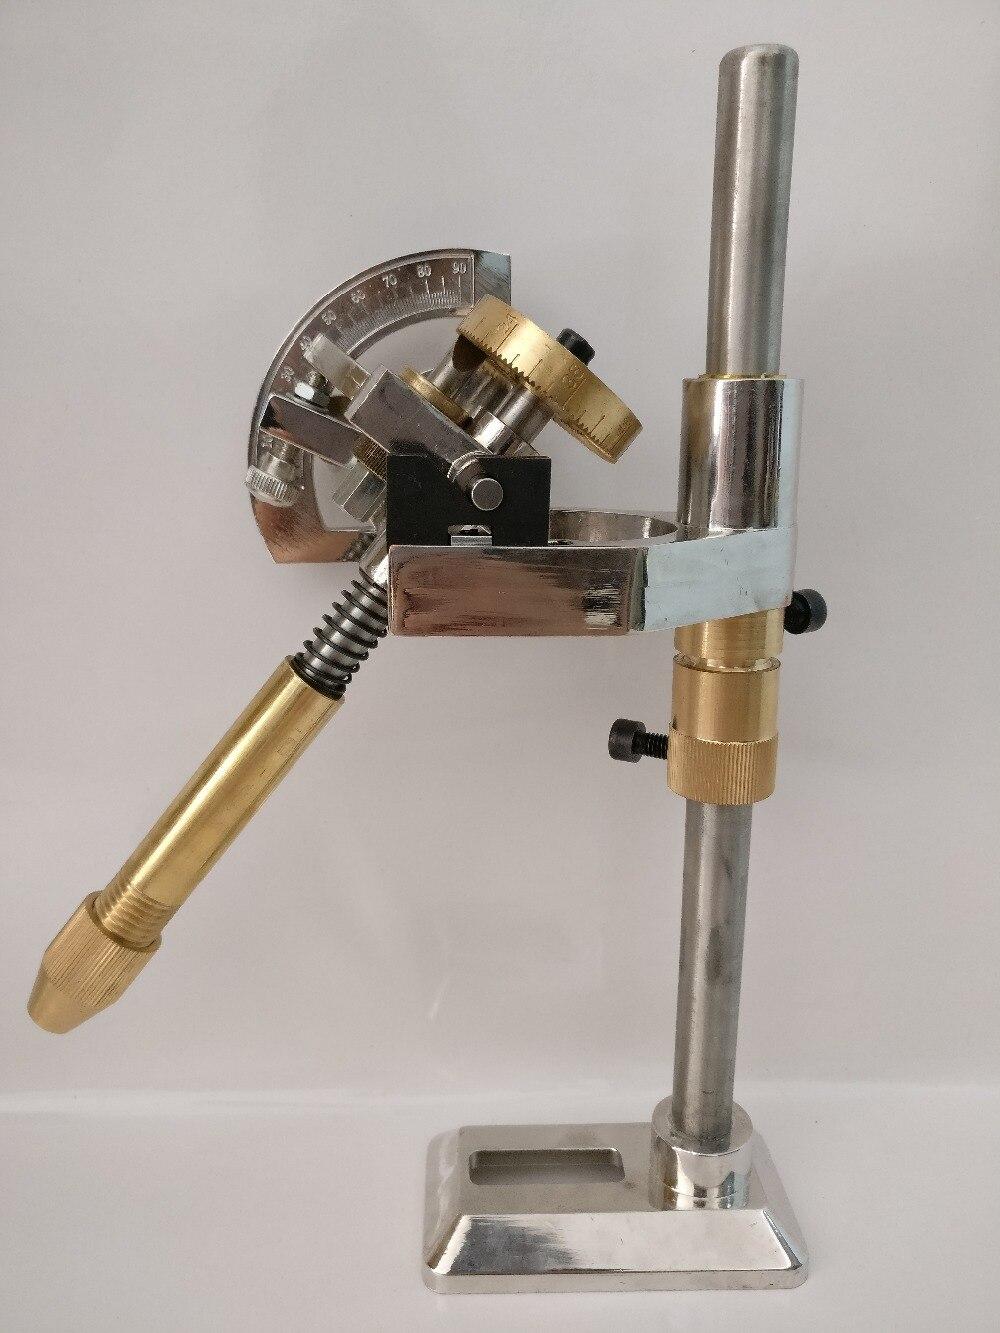 Gem Facettage Machine De Meulage À Facettes manipulateur bijoux jouer angle plat de polissage moulin pierre angles 96 index roues poignée